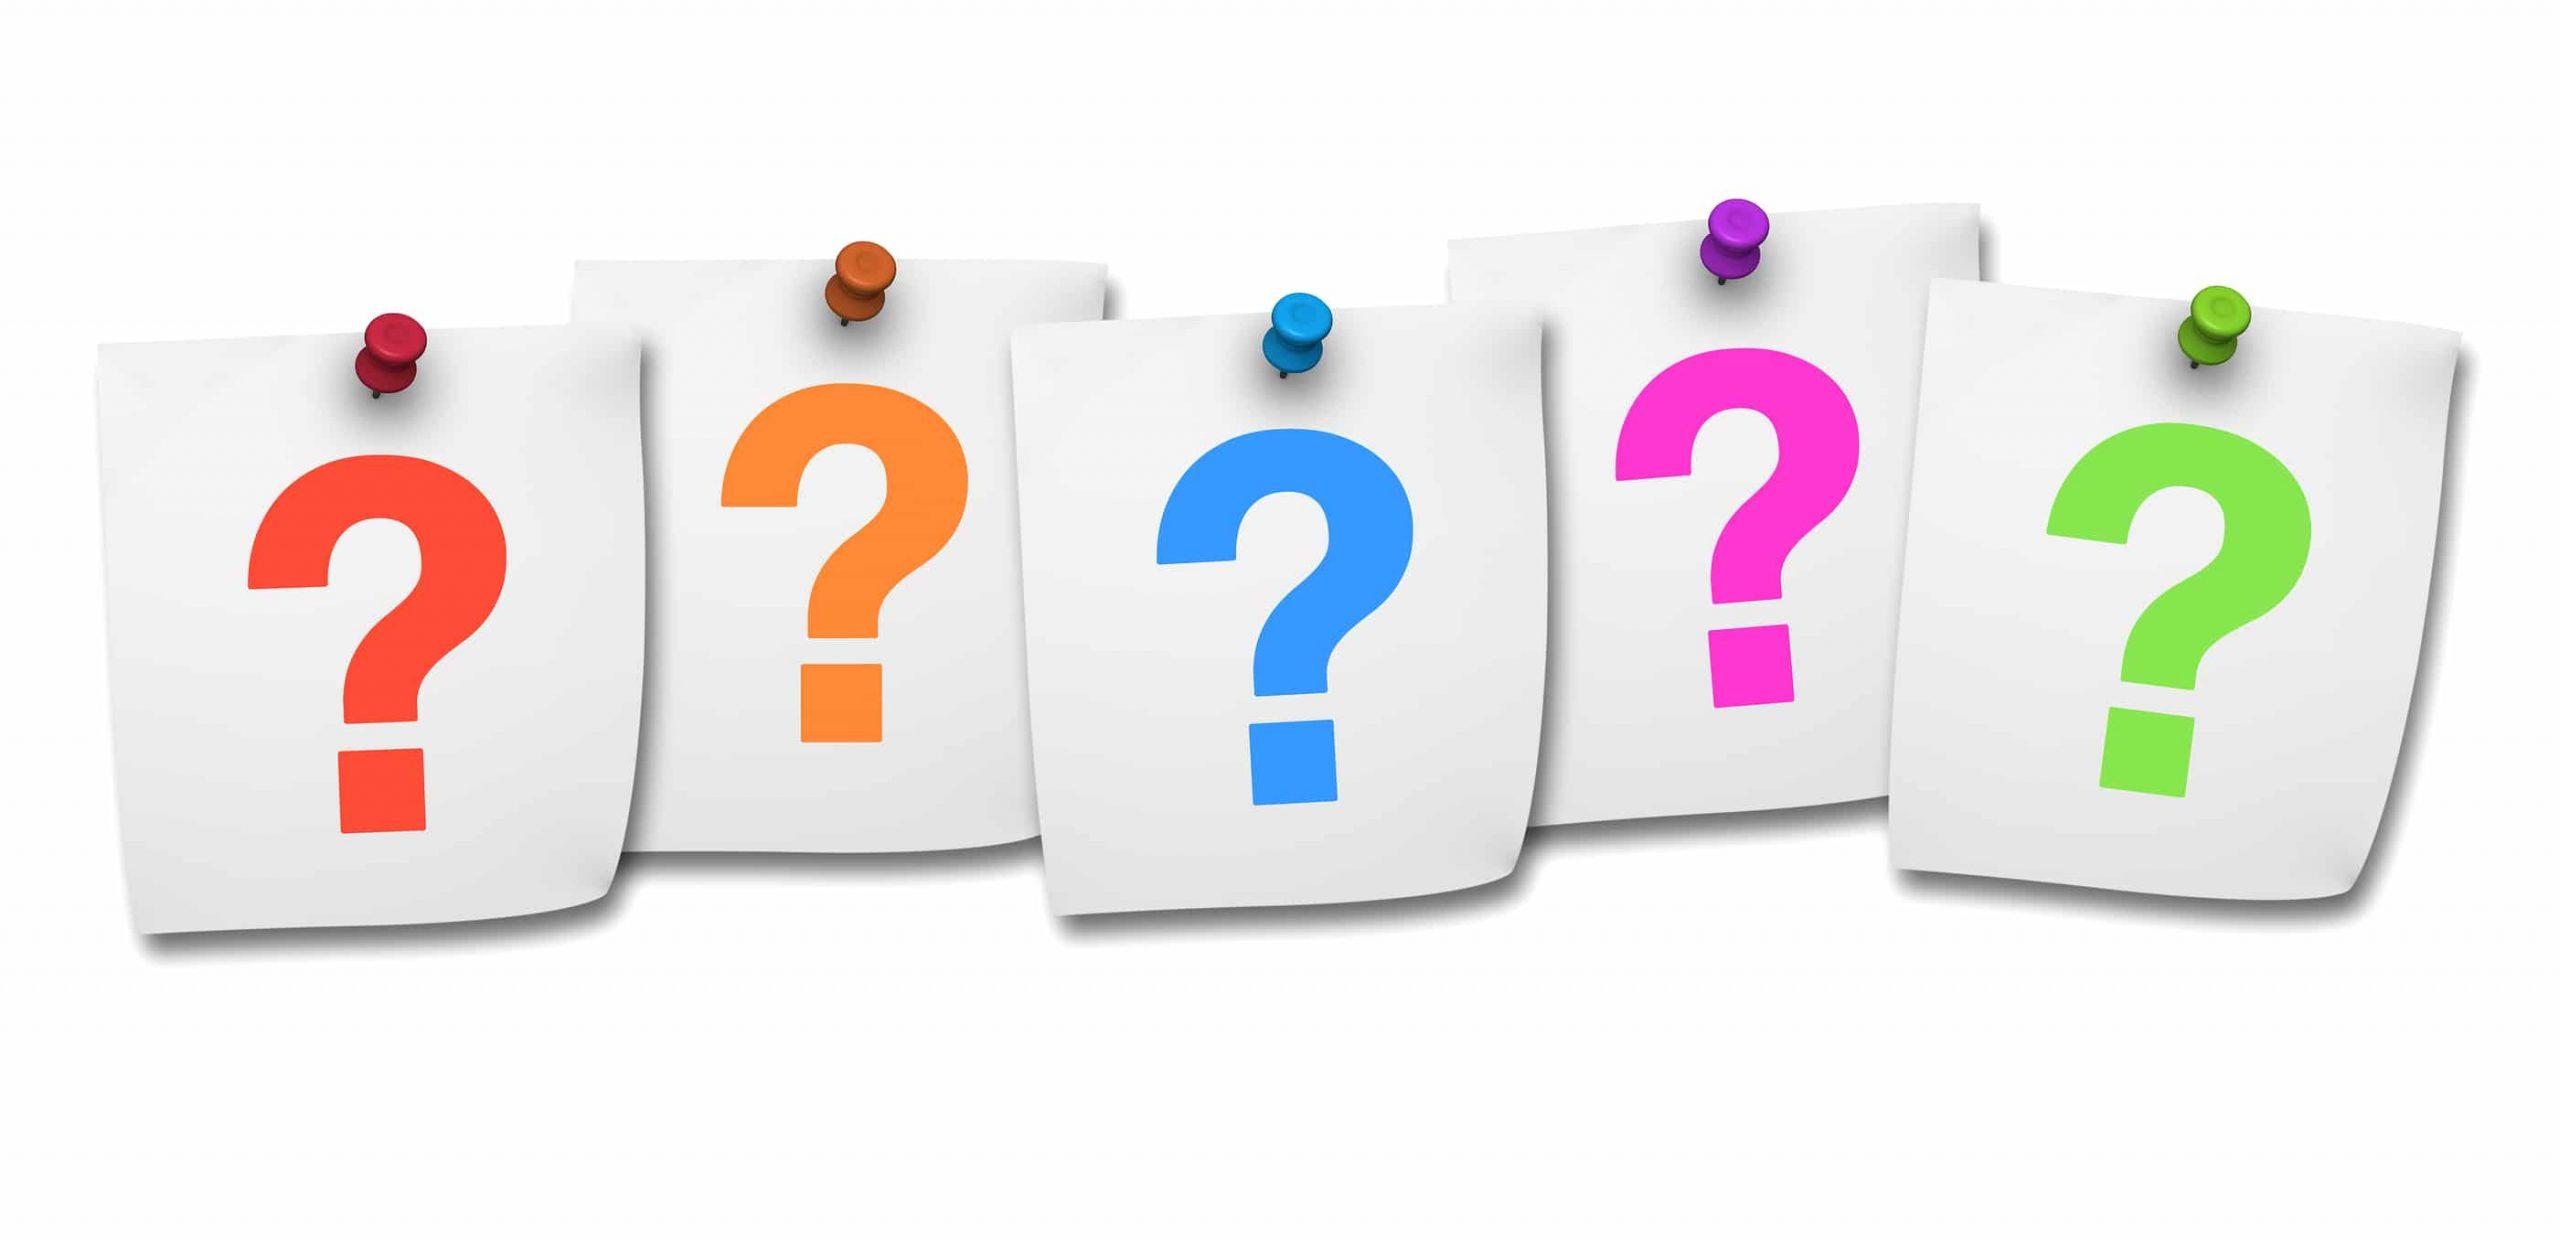 سوالات کلیدی مدیریت